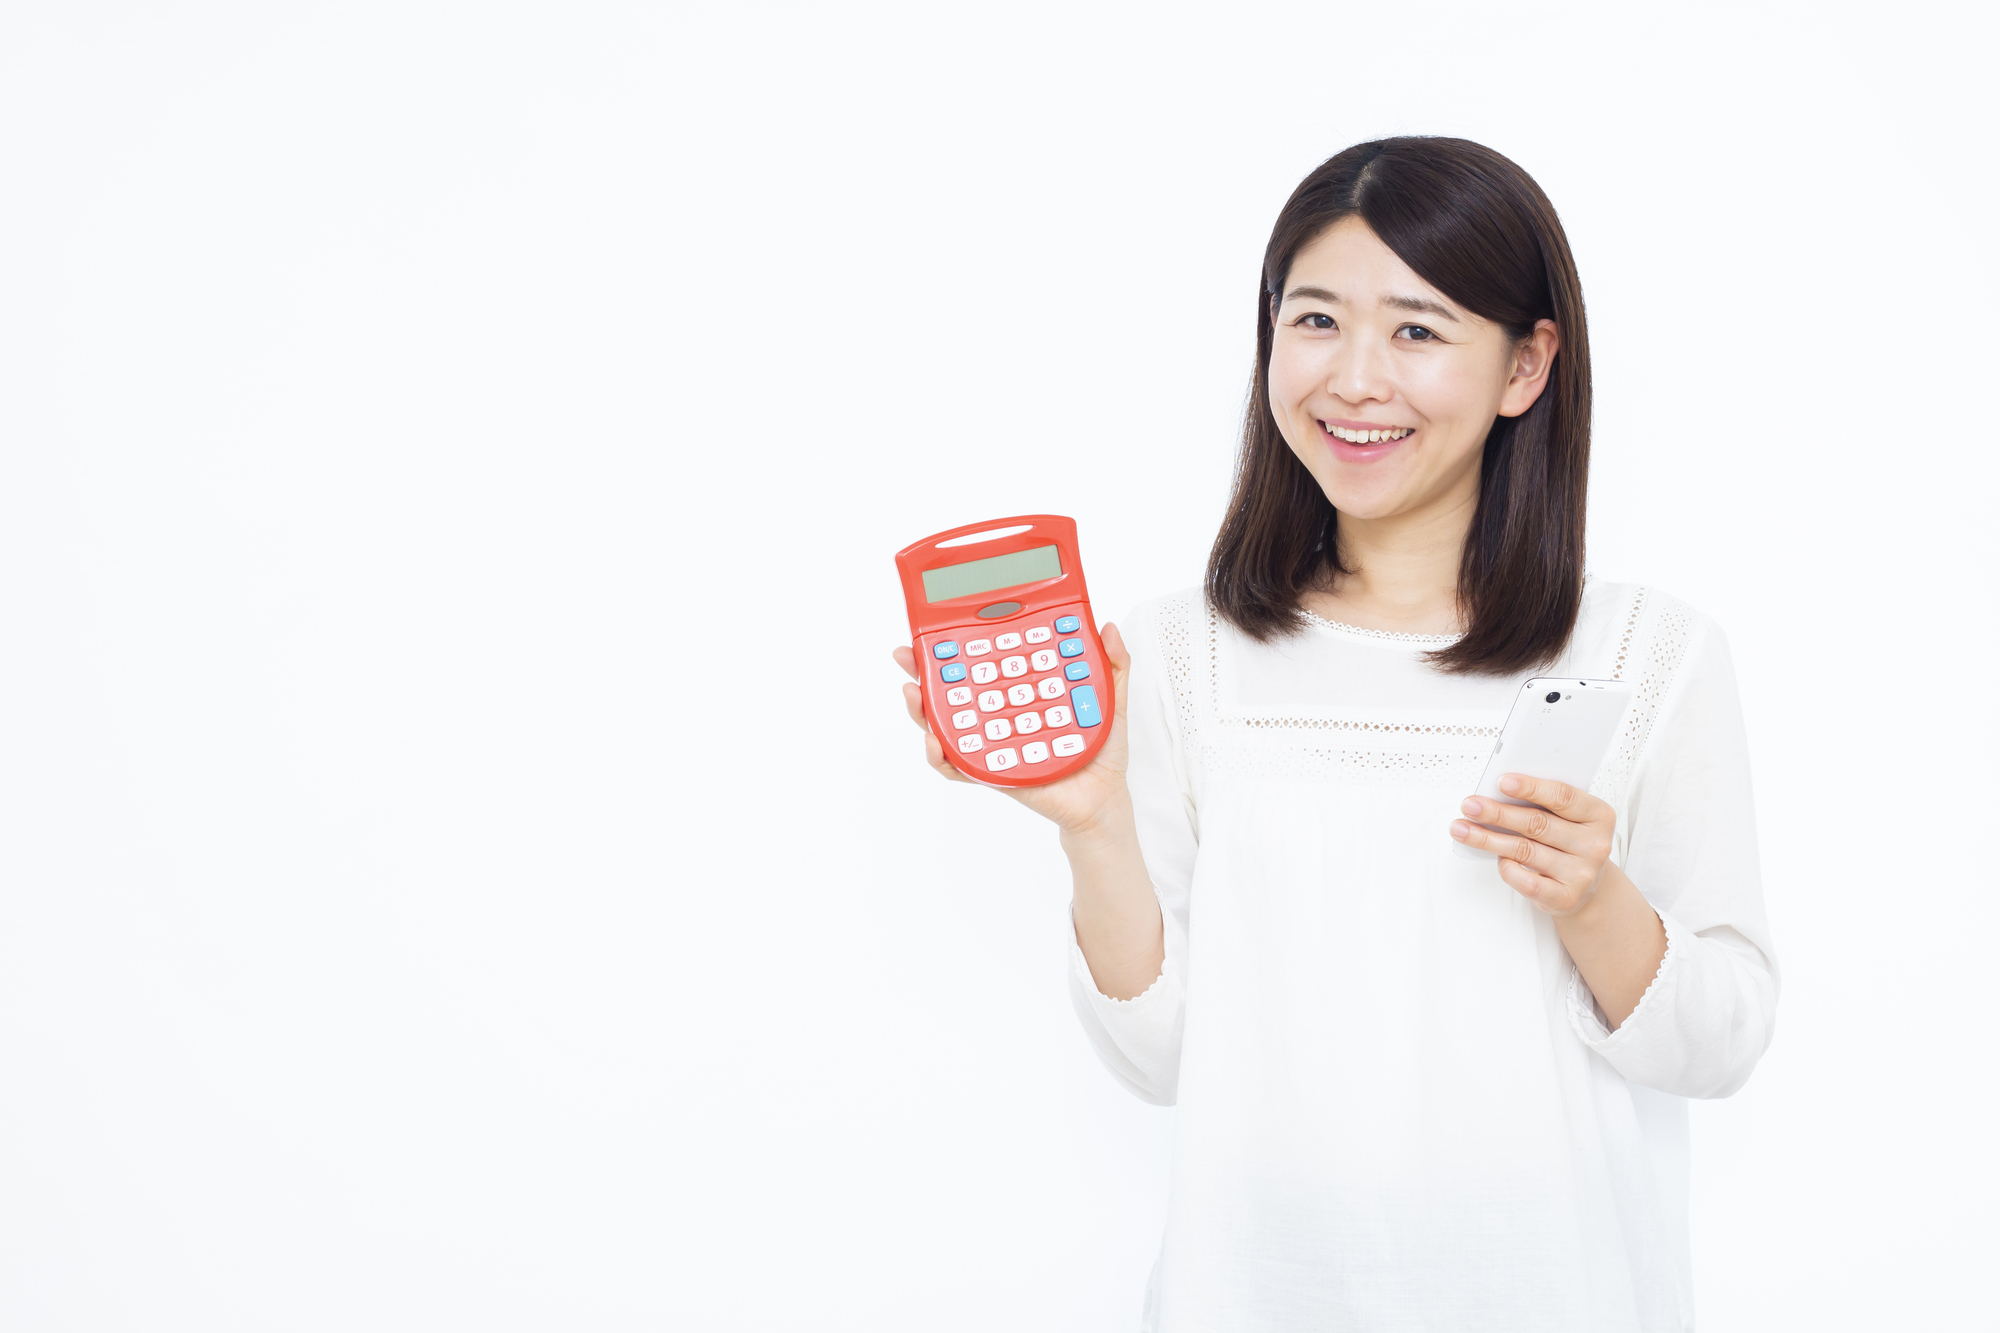 電卓を片手に持つ日本人女性